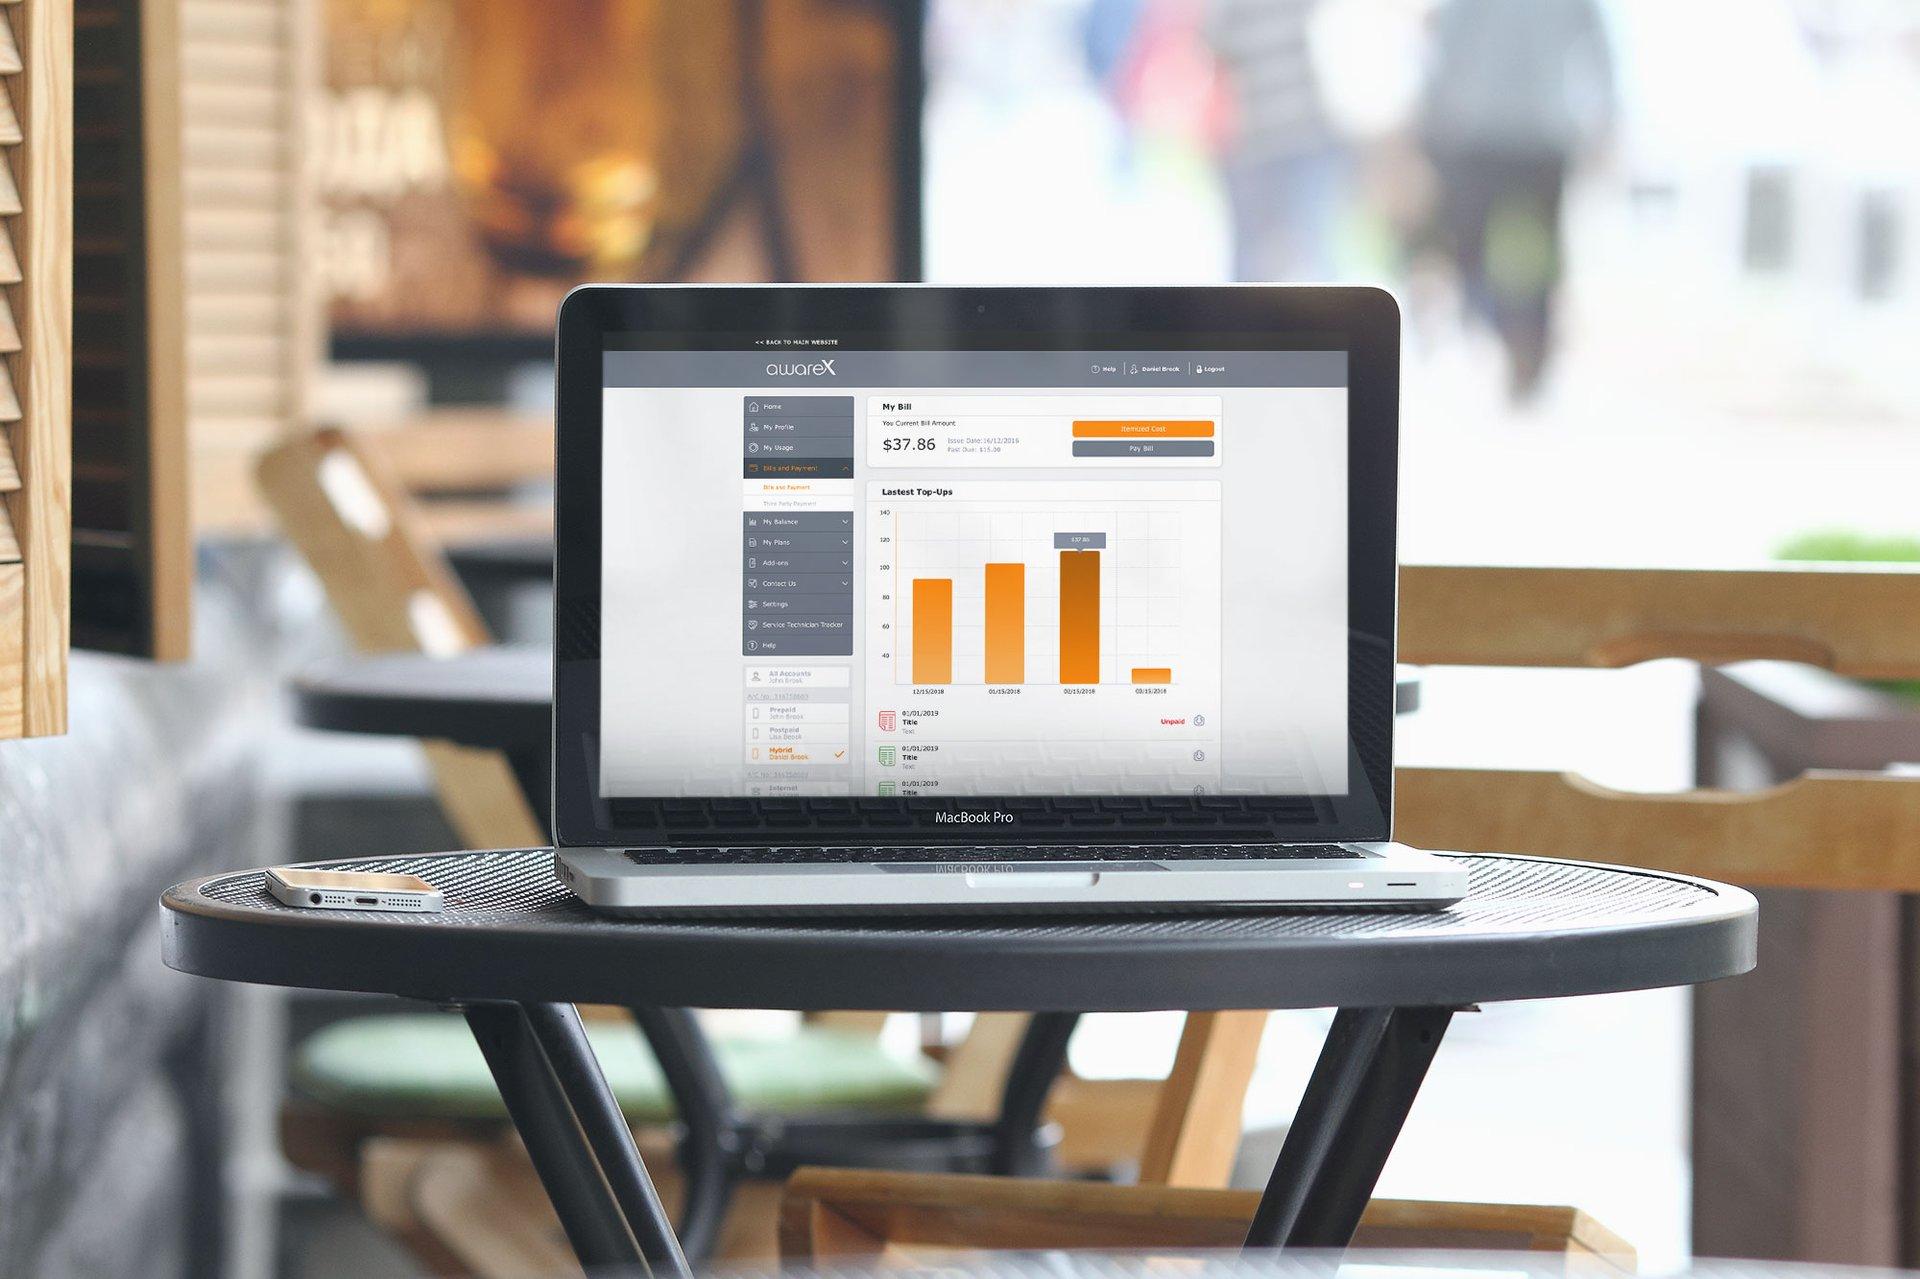 AwareX platform displayed on a laptop